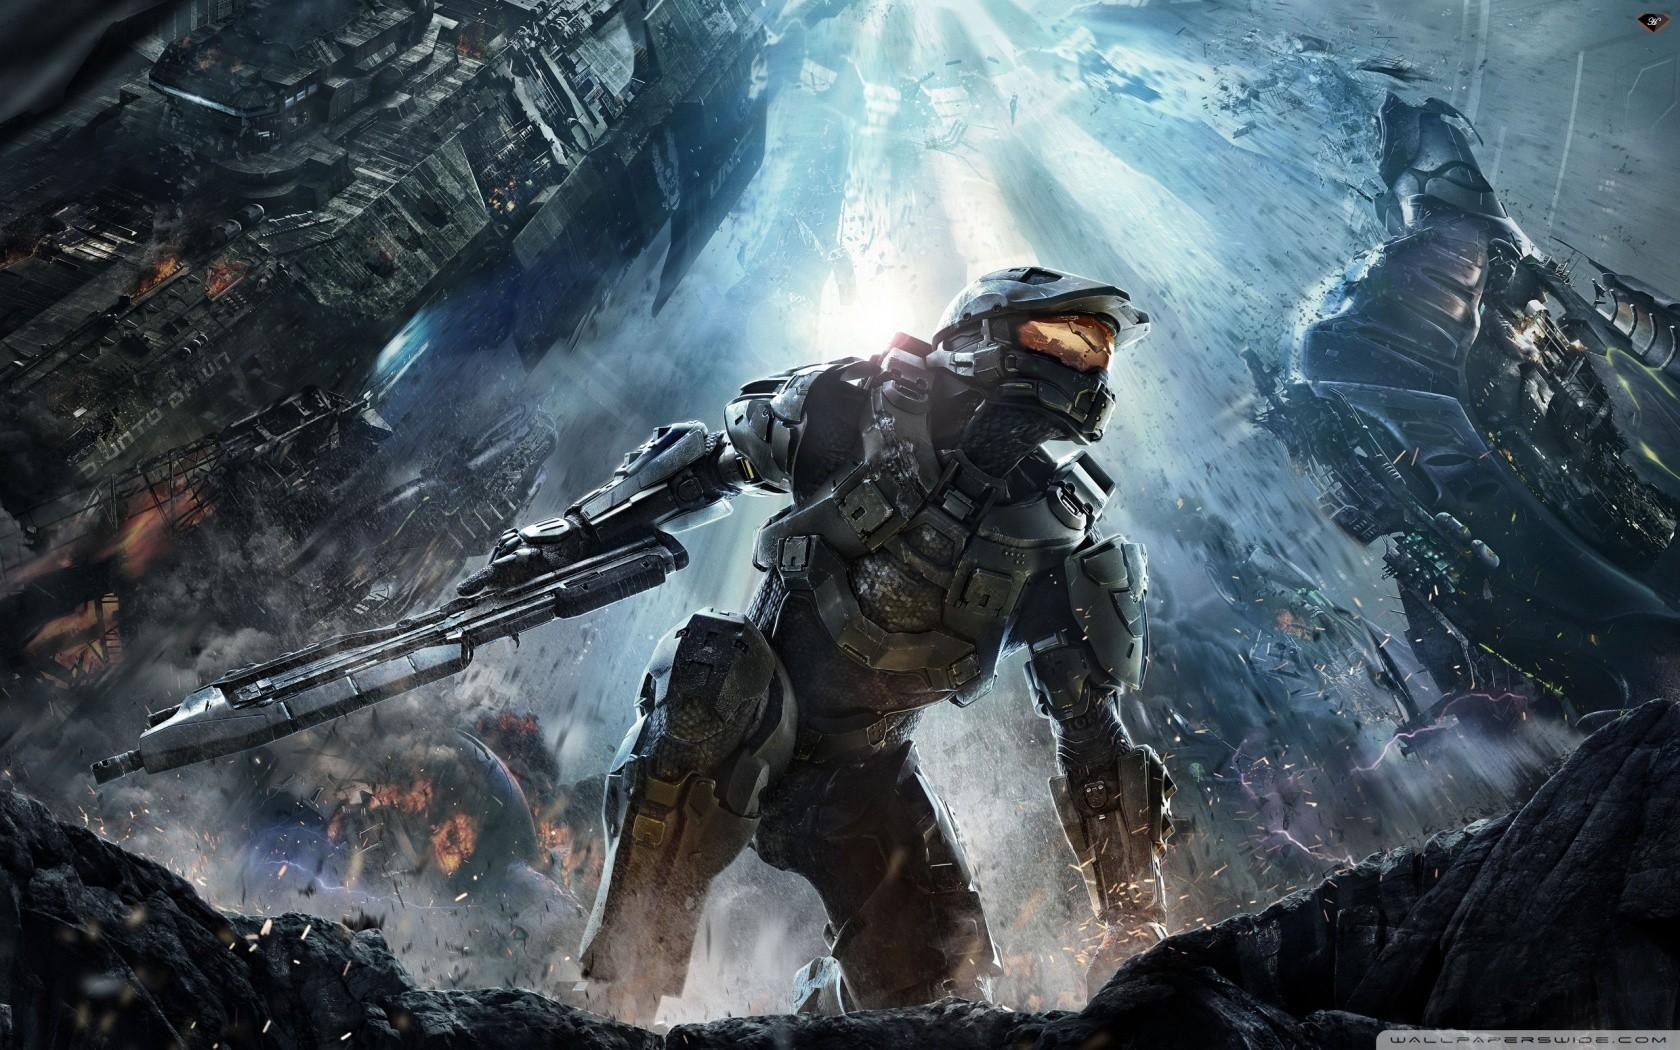 21900 papel de parede 240x320 em seu telefone gratuitamente, baixe imagens Jogos, Halo 240x320 em seu celular